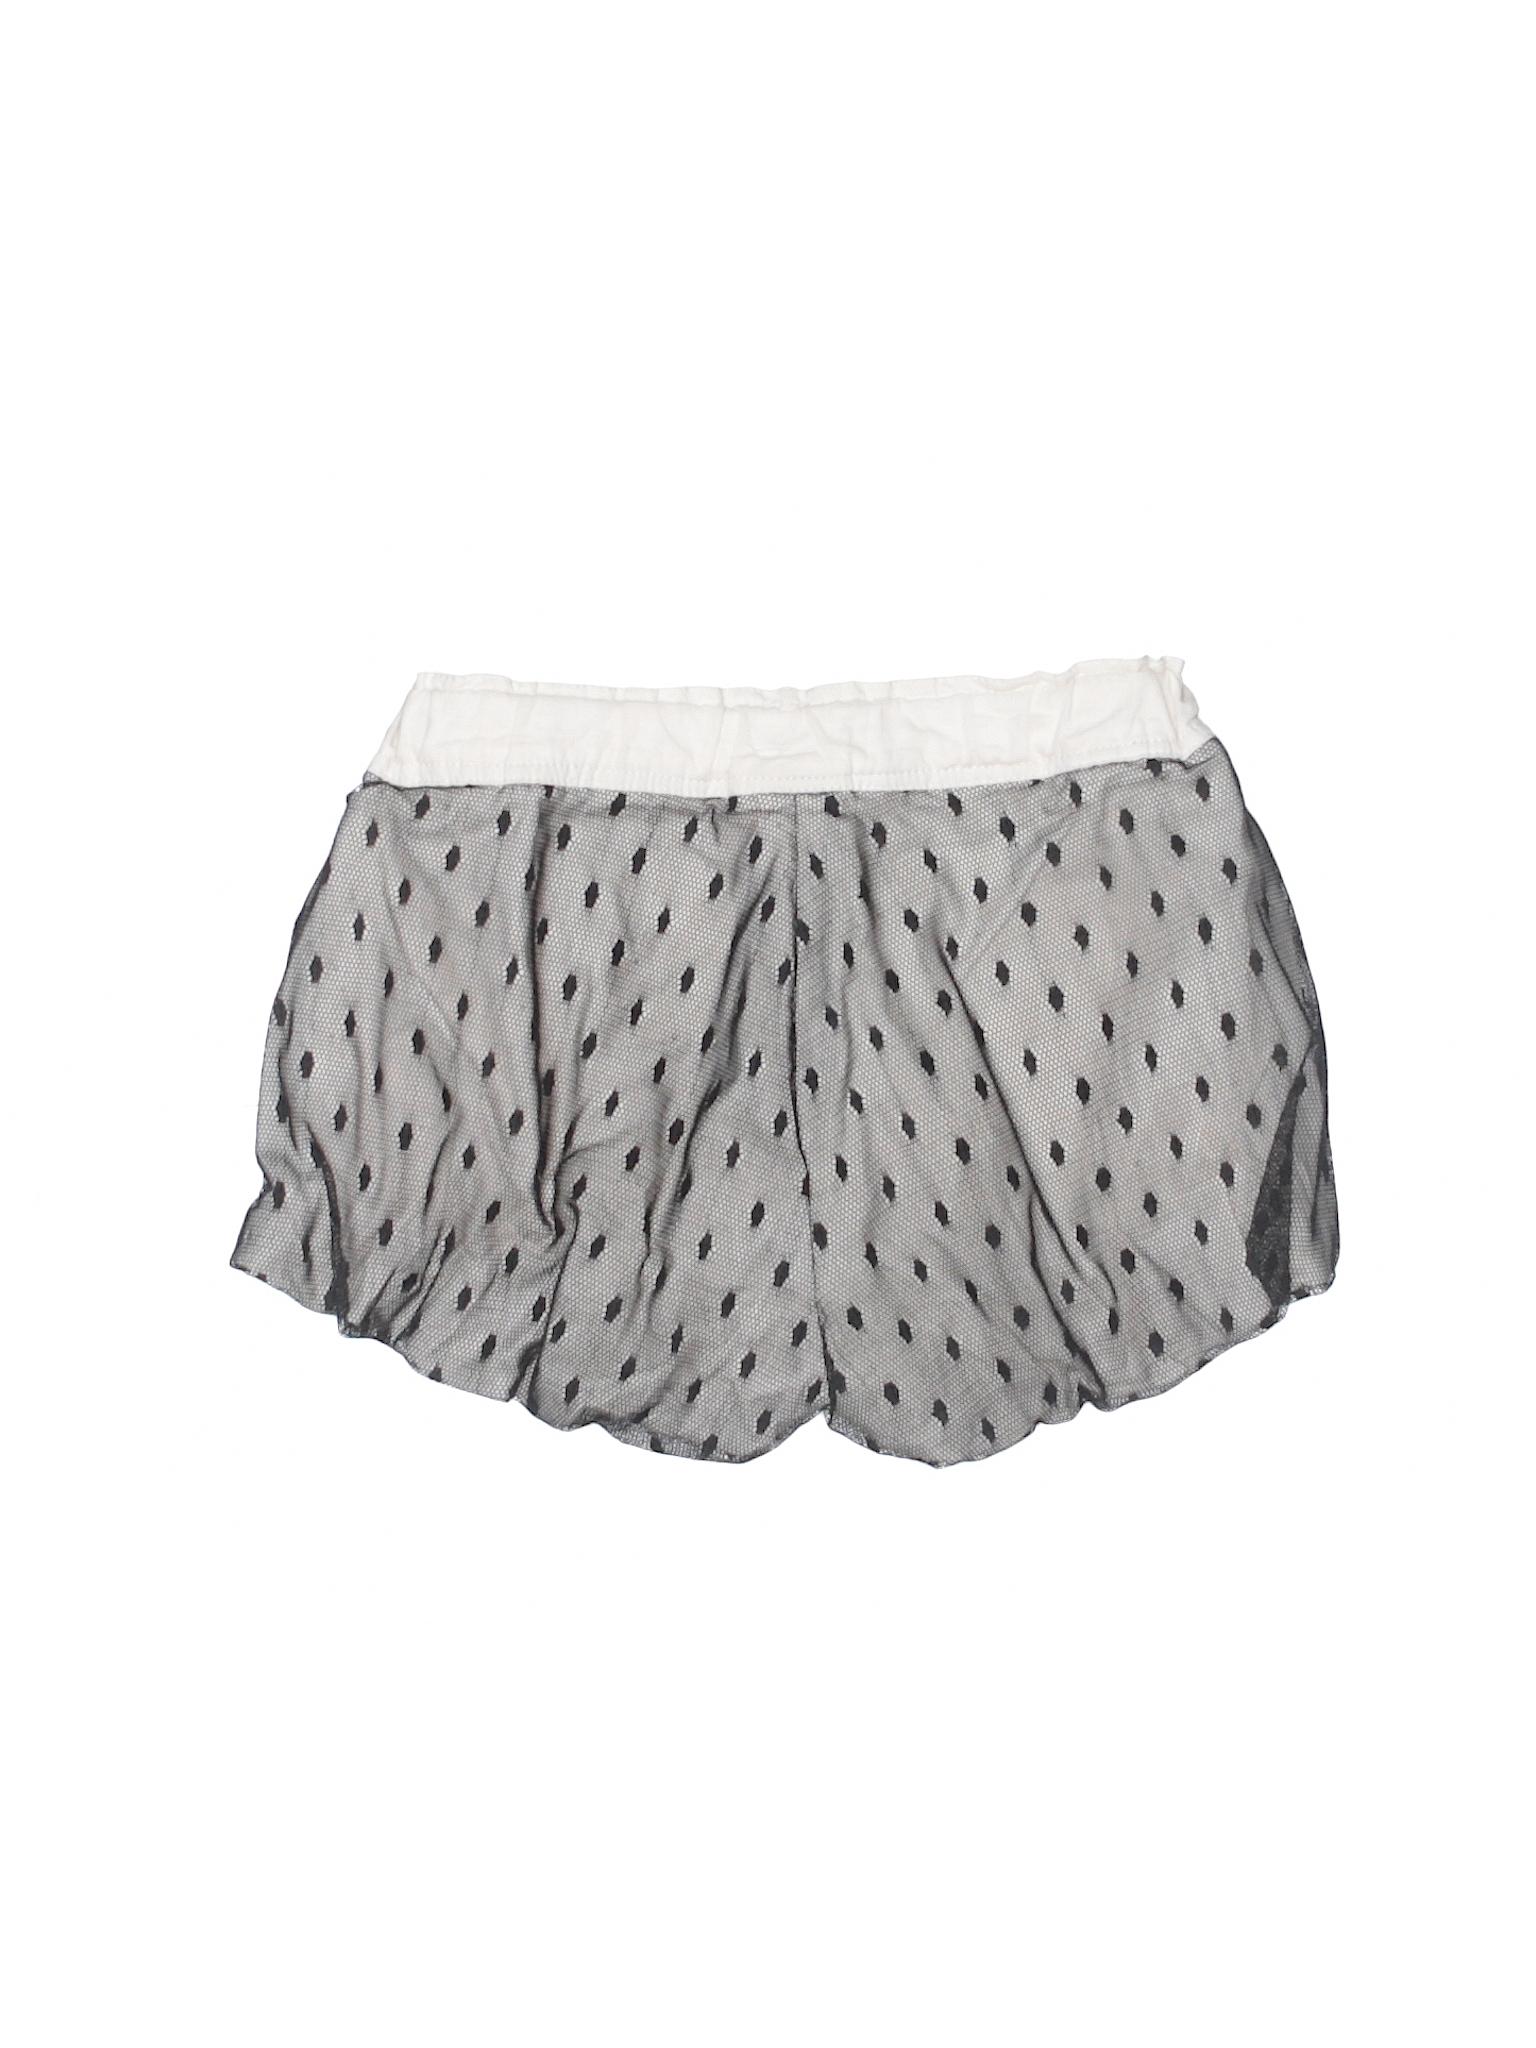 Harajuku Mini For Target 100 Polyester Print Black Shorts Size 4